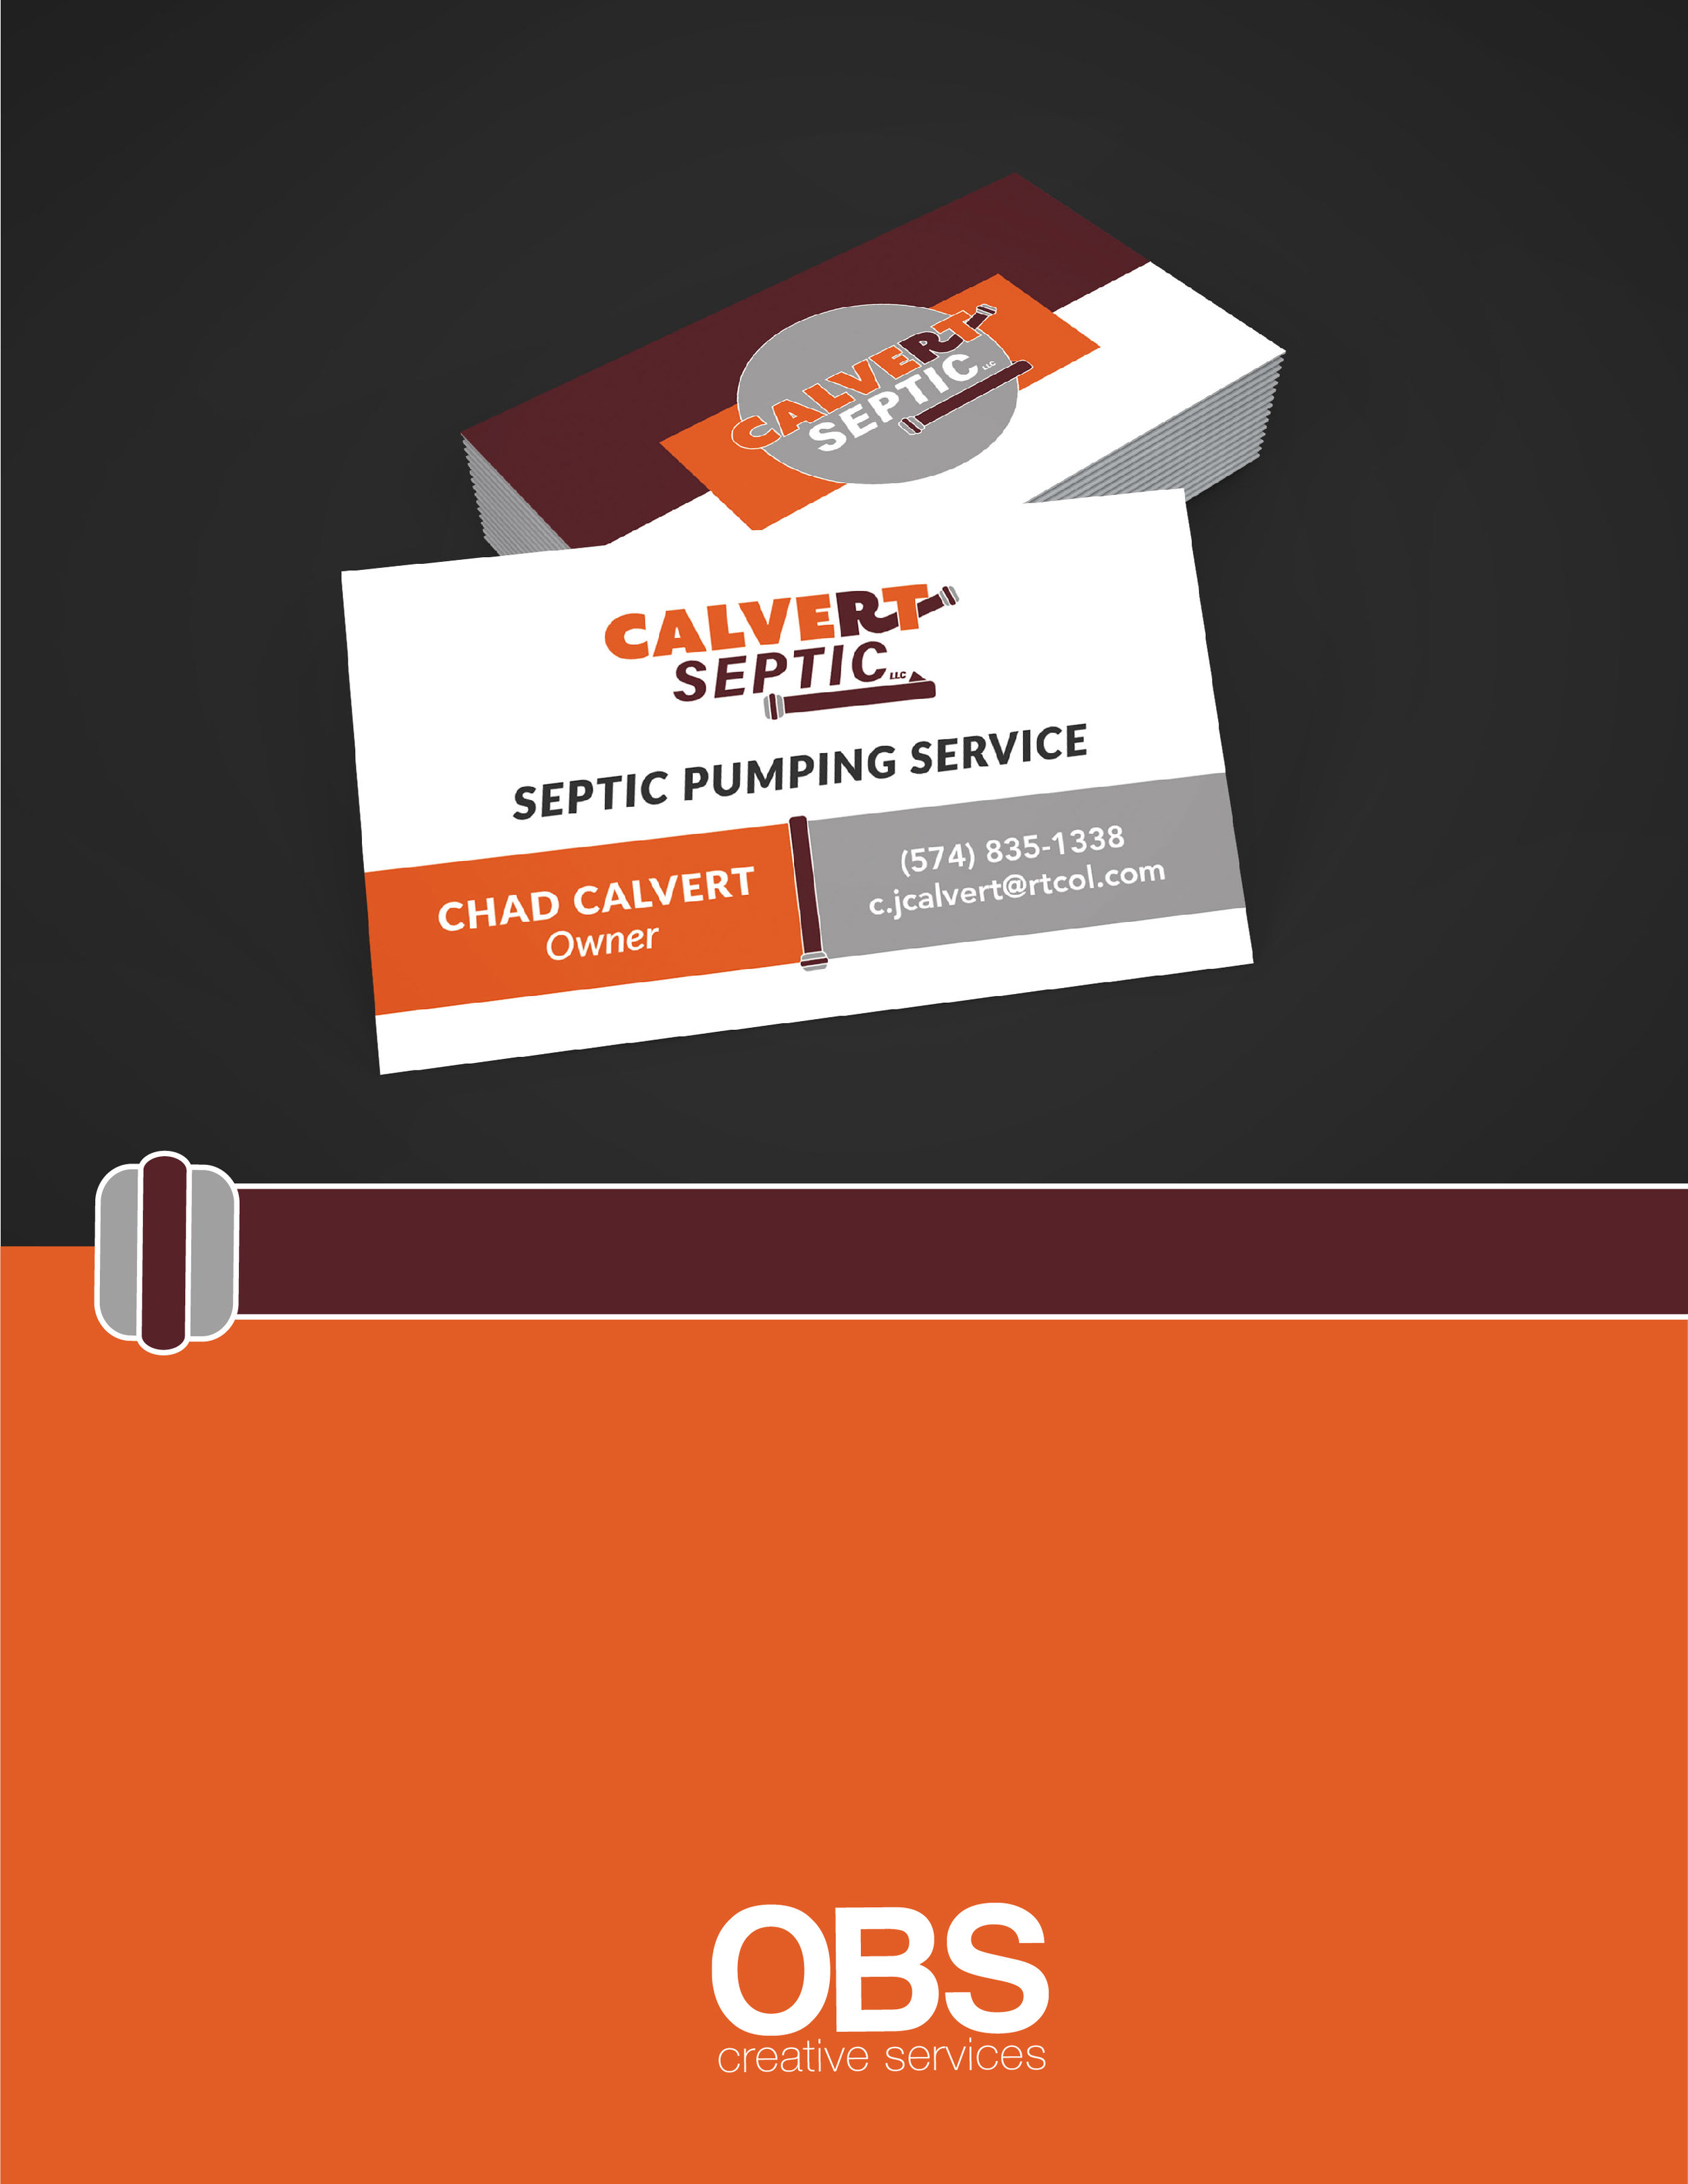 Calvert Septic Business Cards@300x-100.jpg